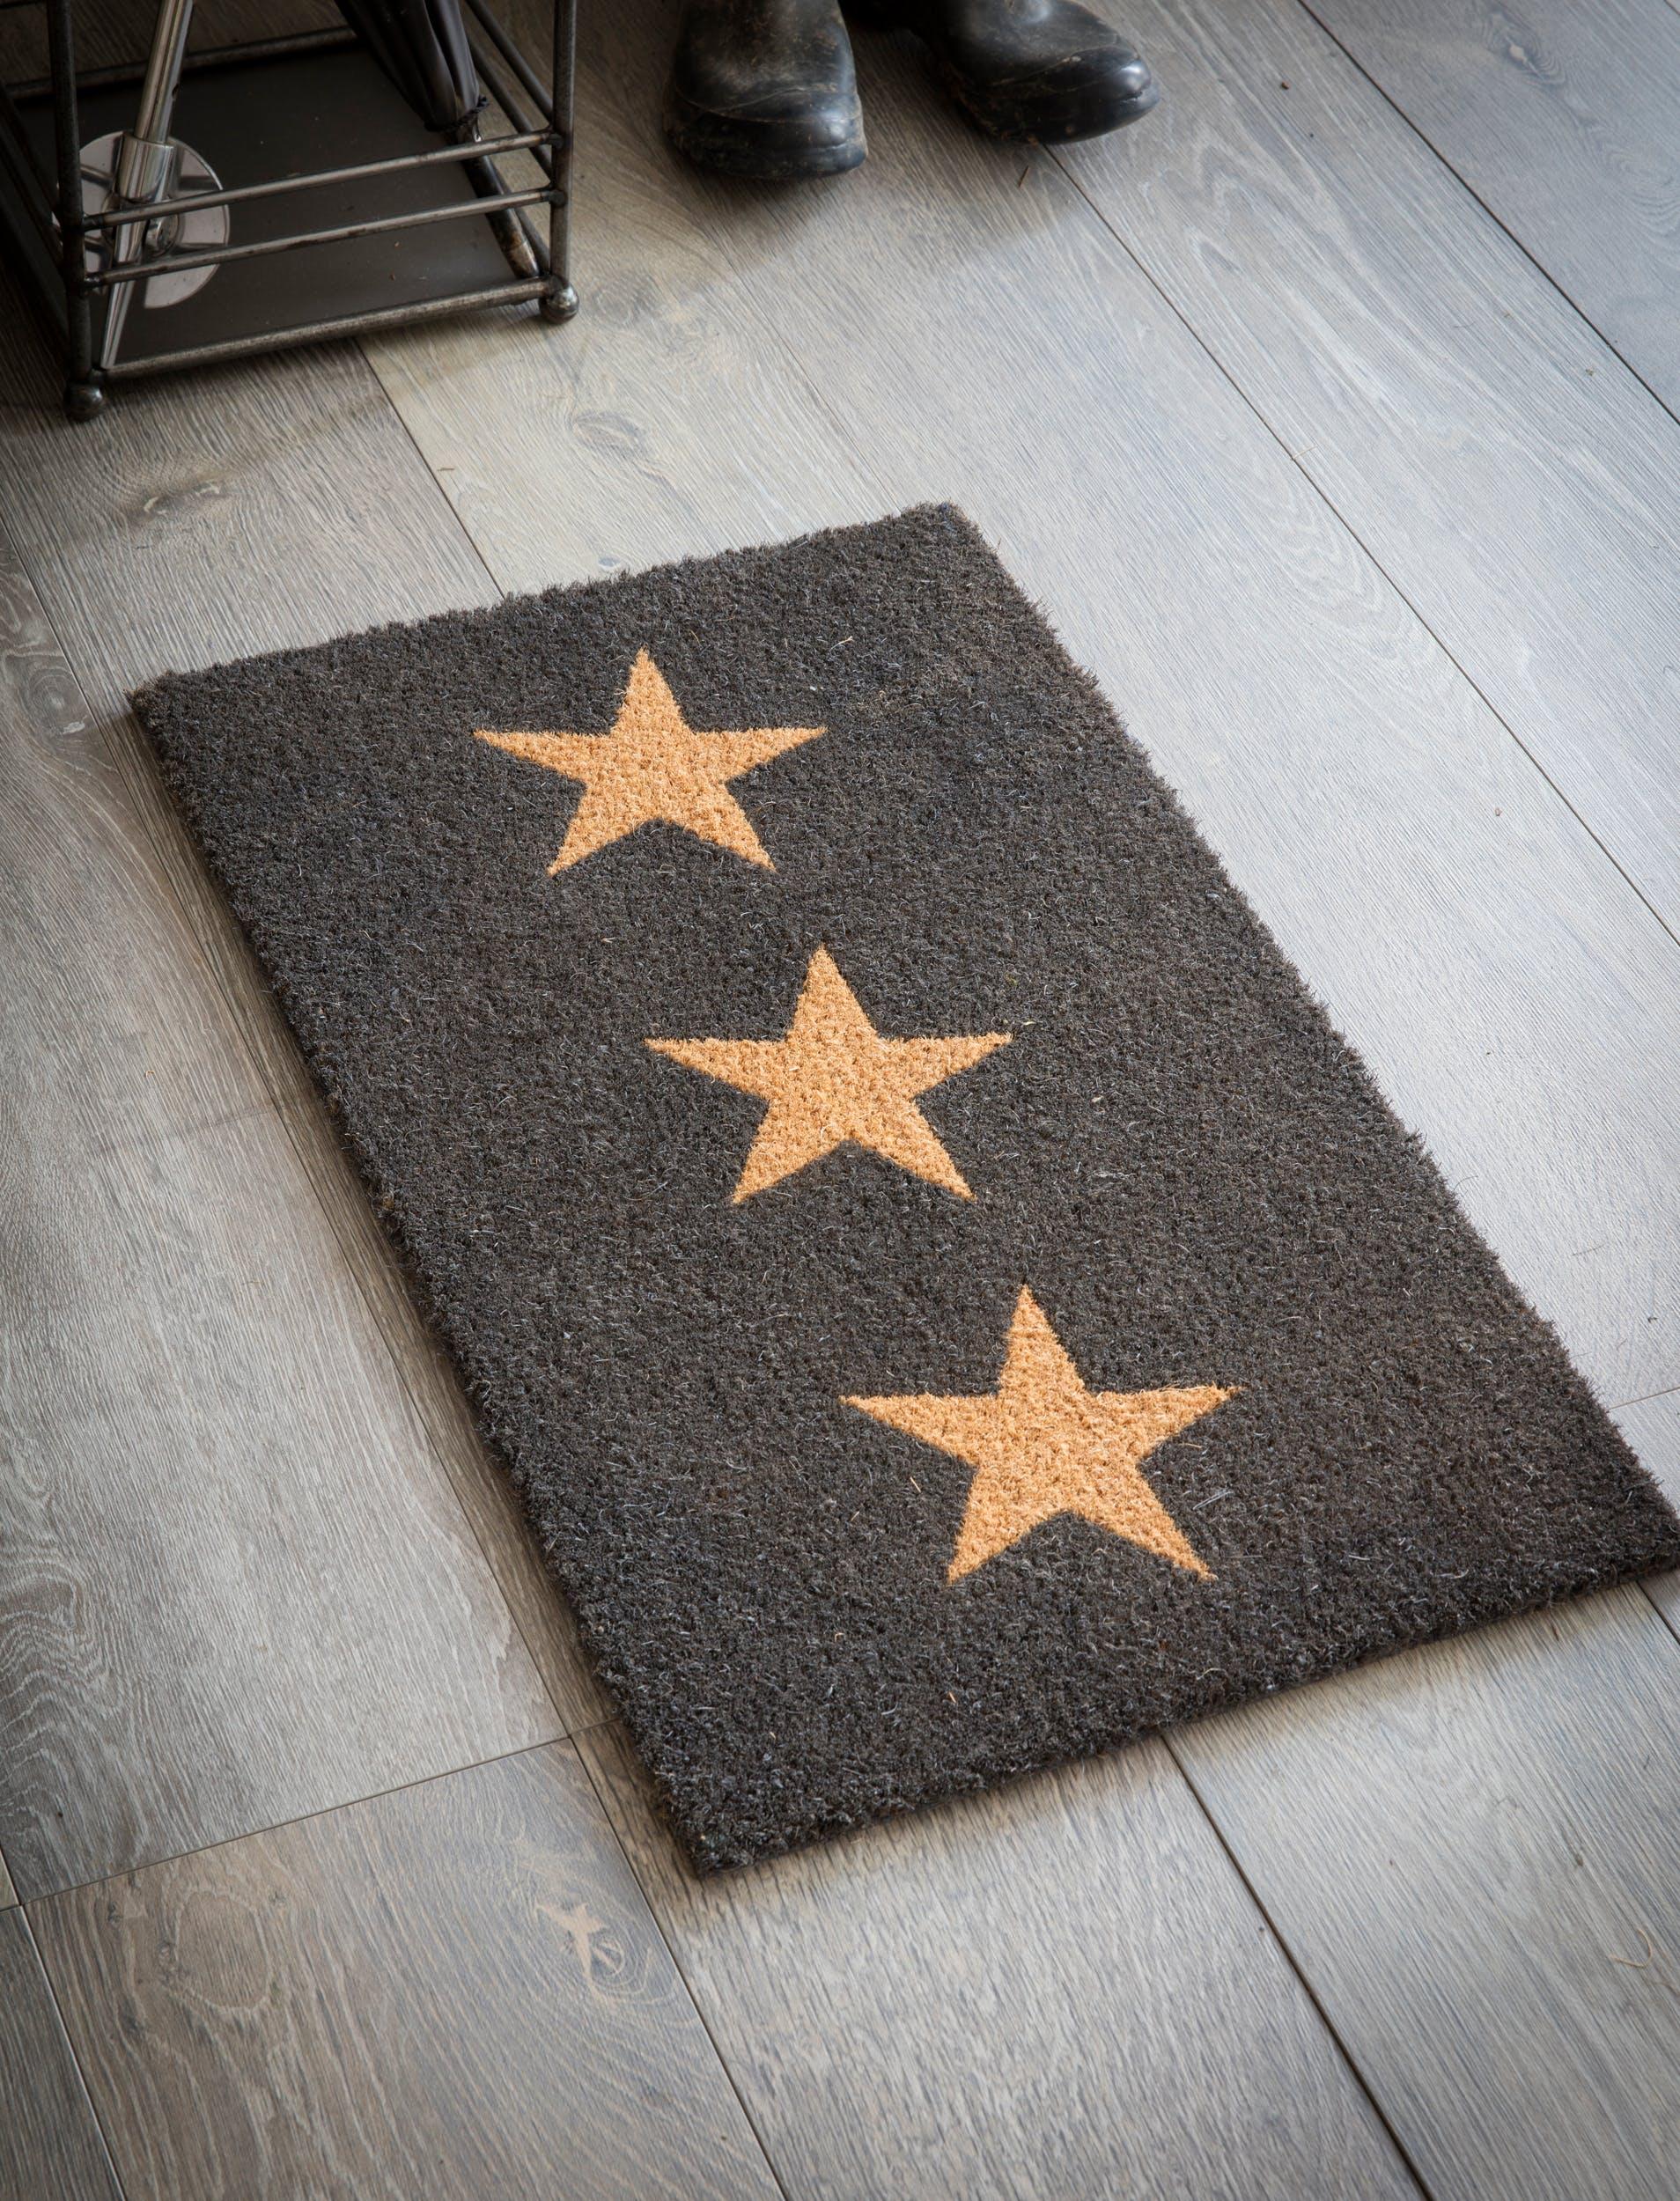 Doormat 3 Stars